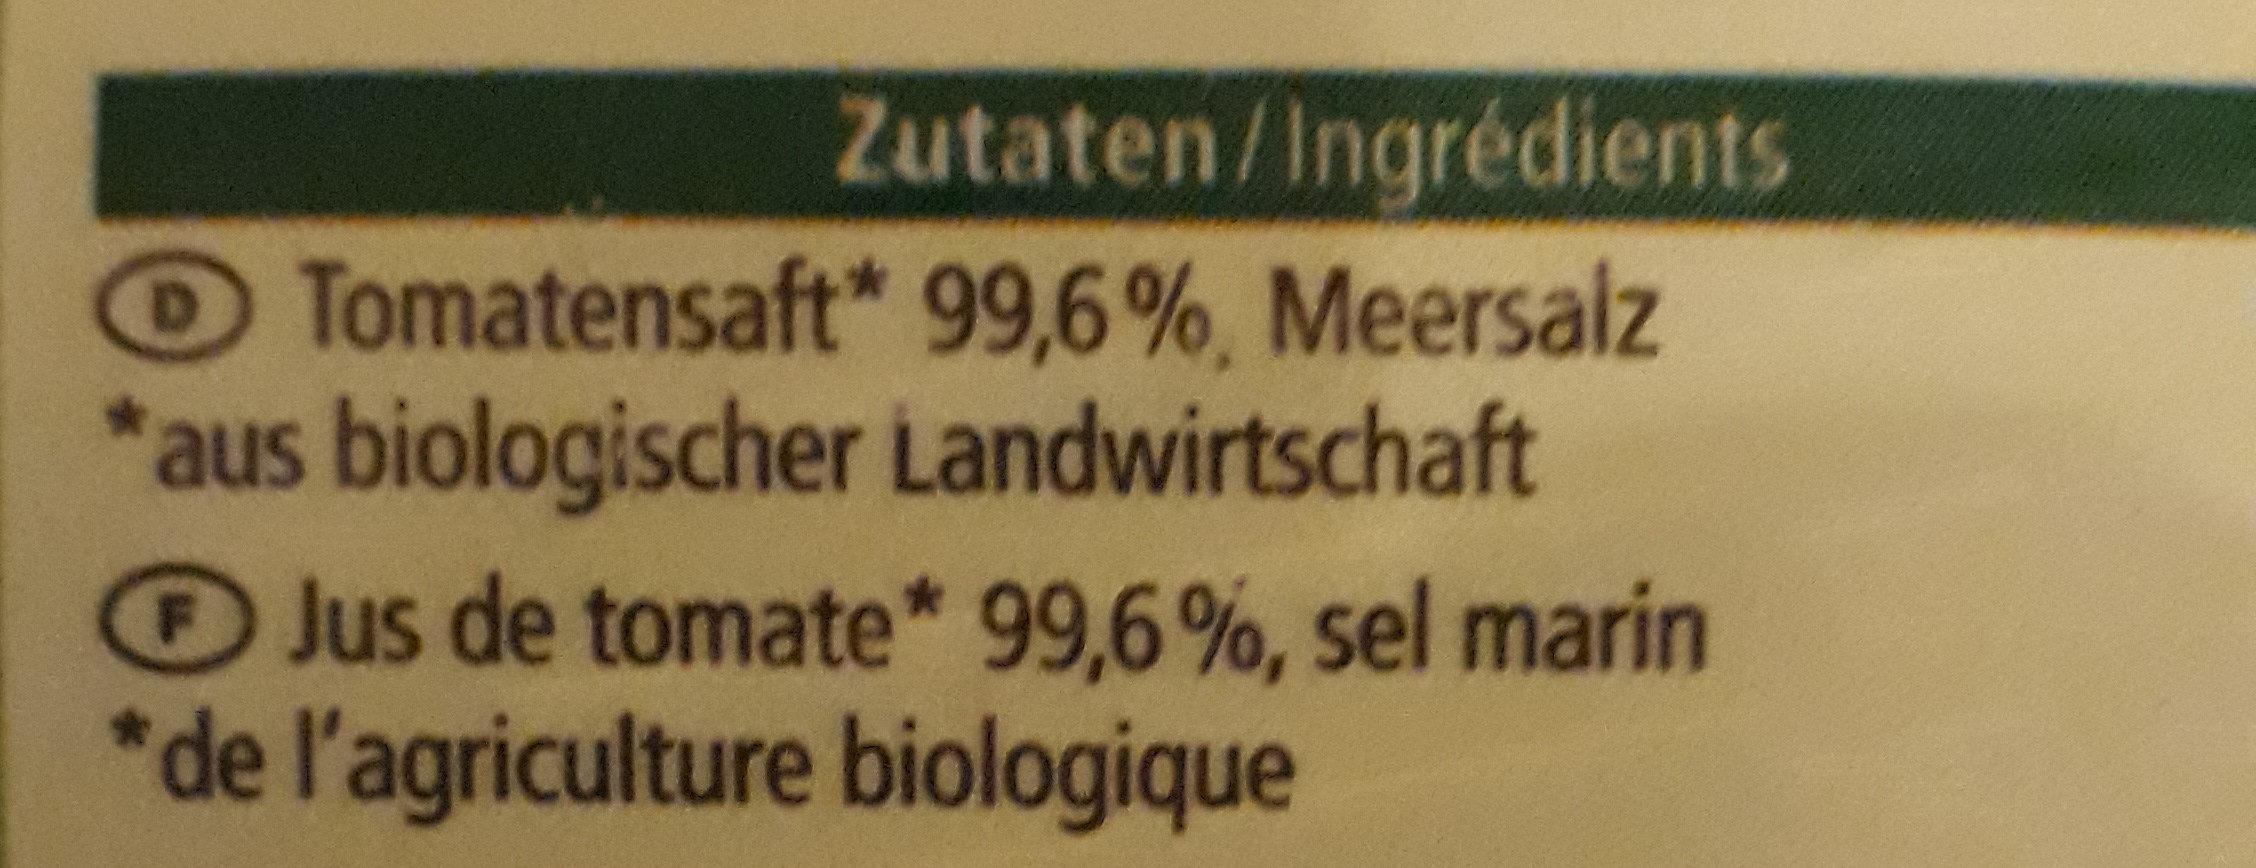 Tomaten Saft - Ingredients - fr